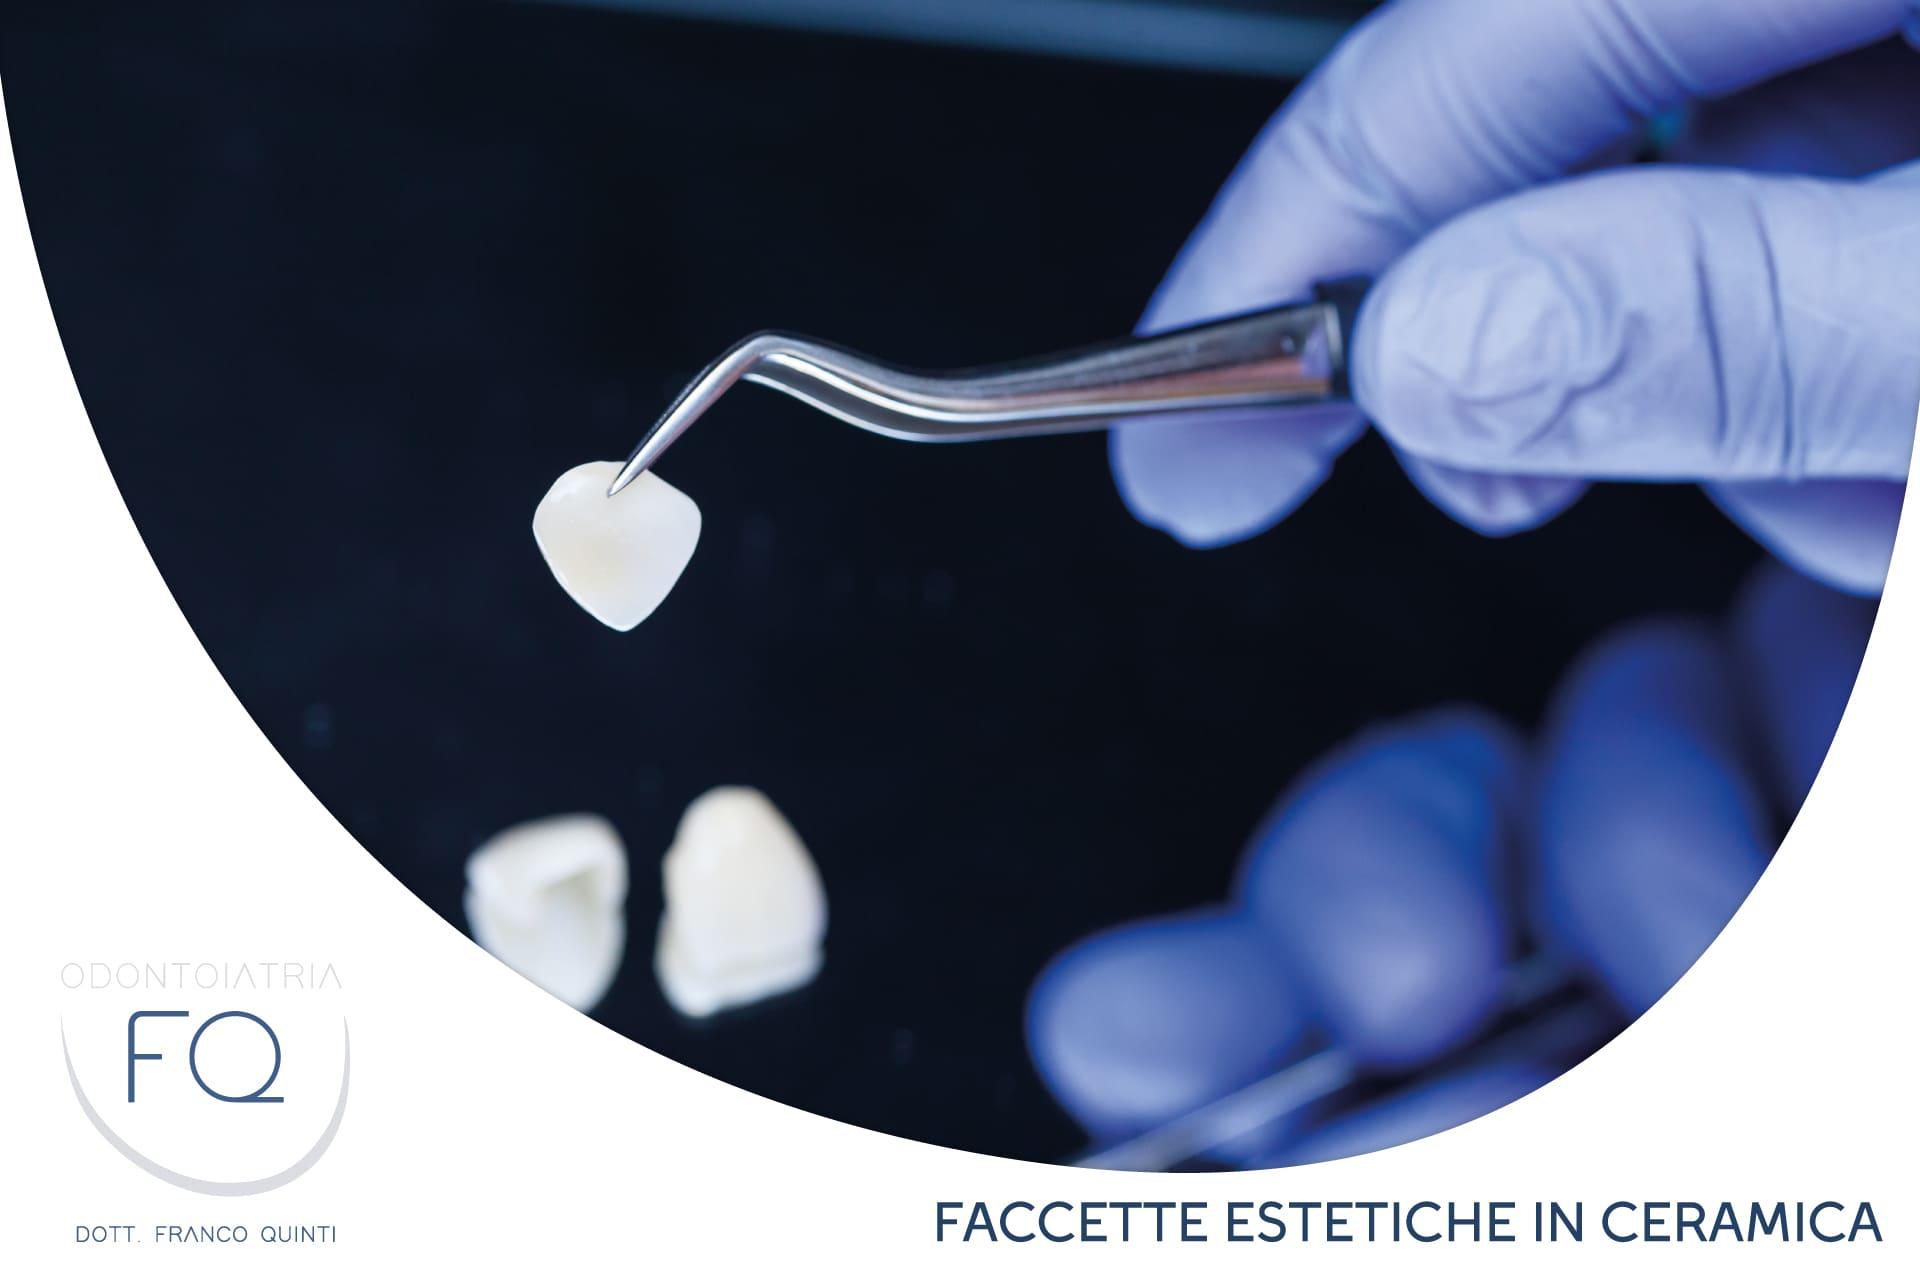 17_OdontoiatriaFQ_Ottobre_2021_faccette estetiche in ceramica